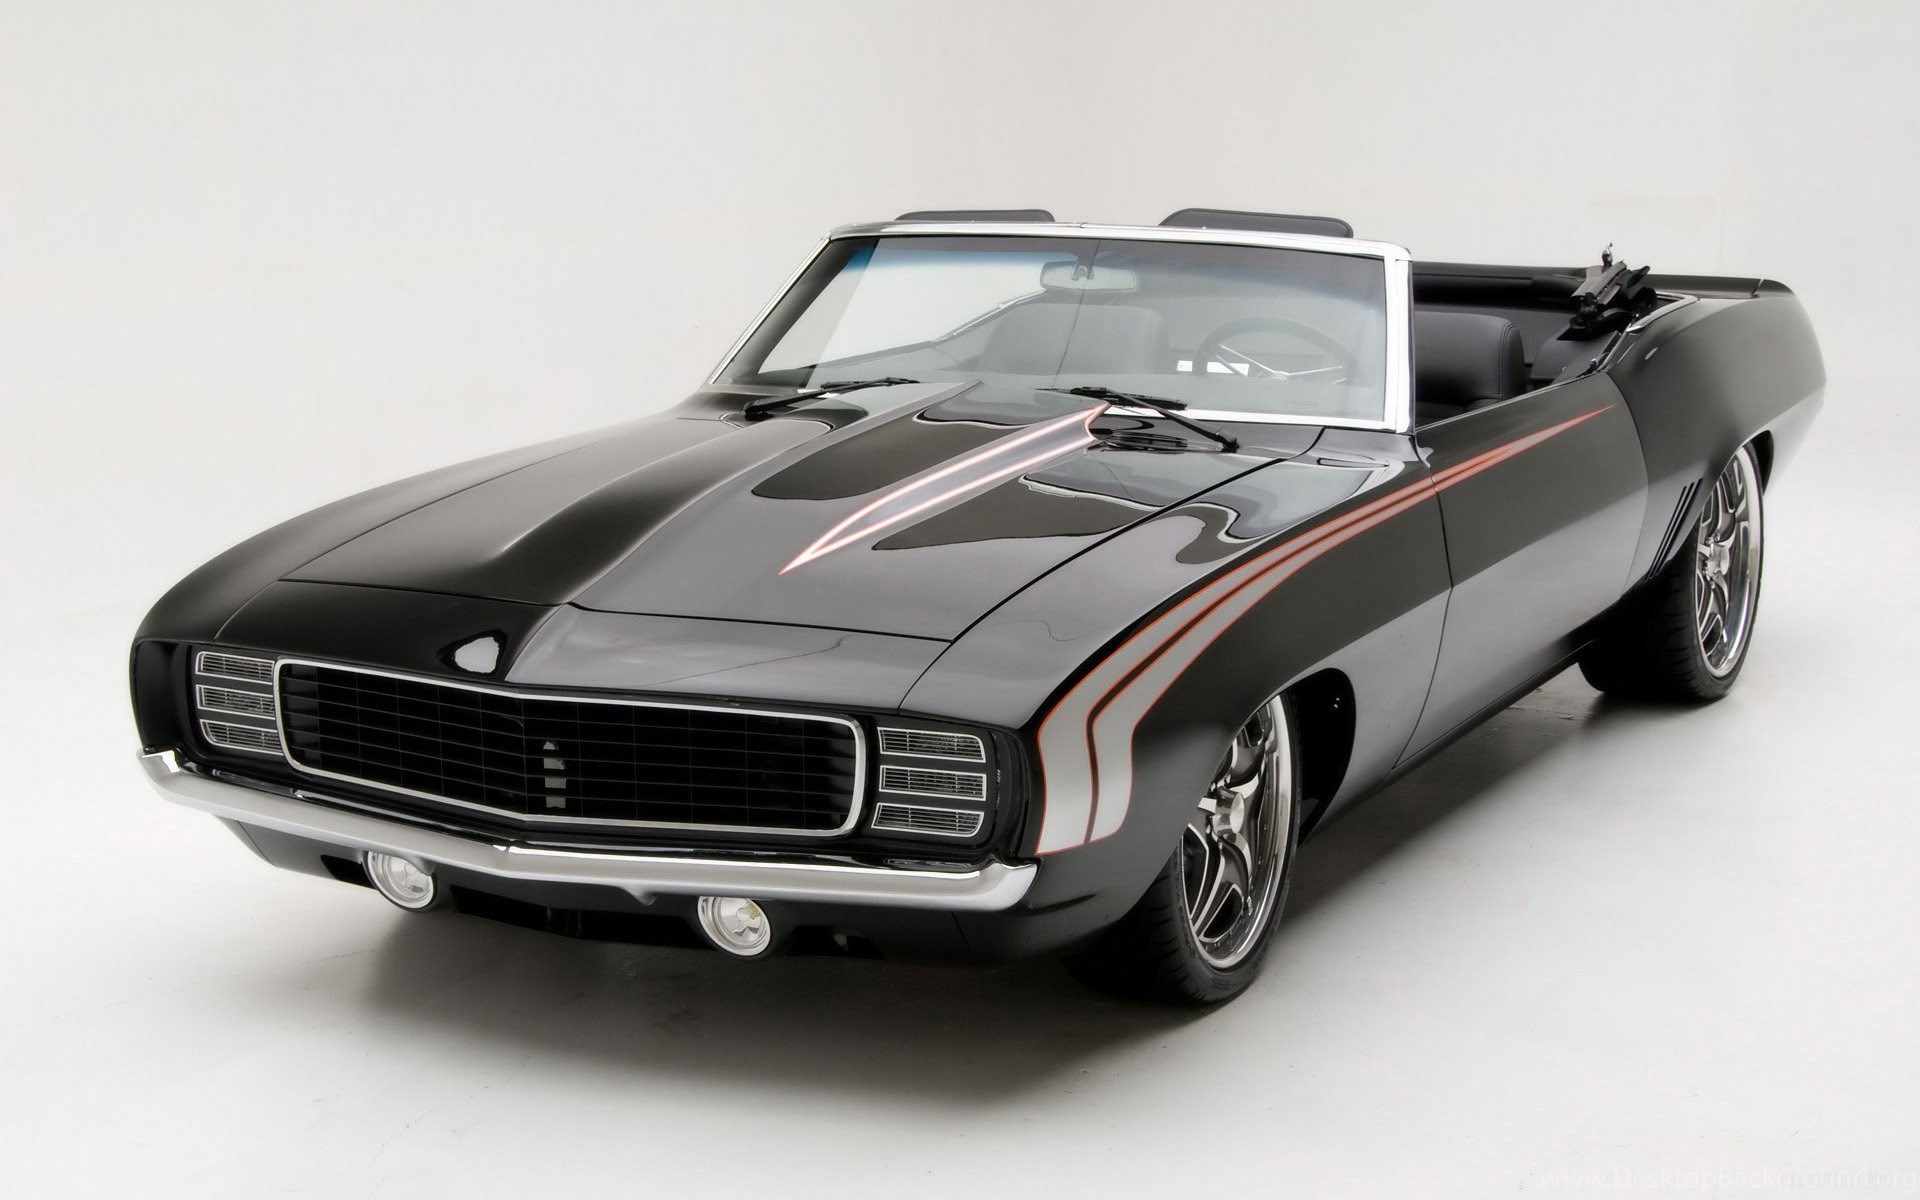 Gambar Mobil Klasik Bagus Untuk Wallpapers Trend Otomotif